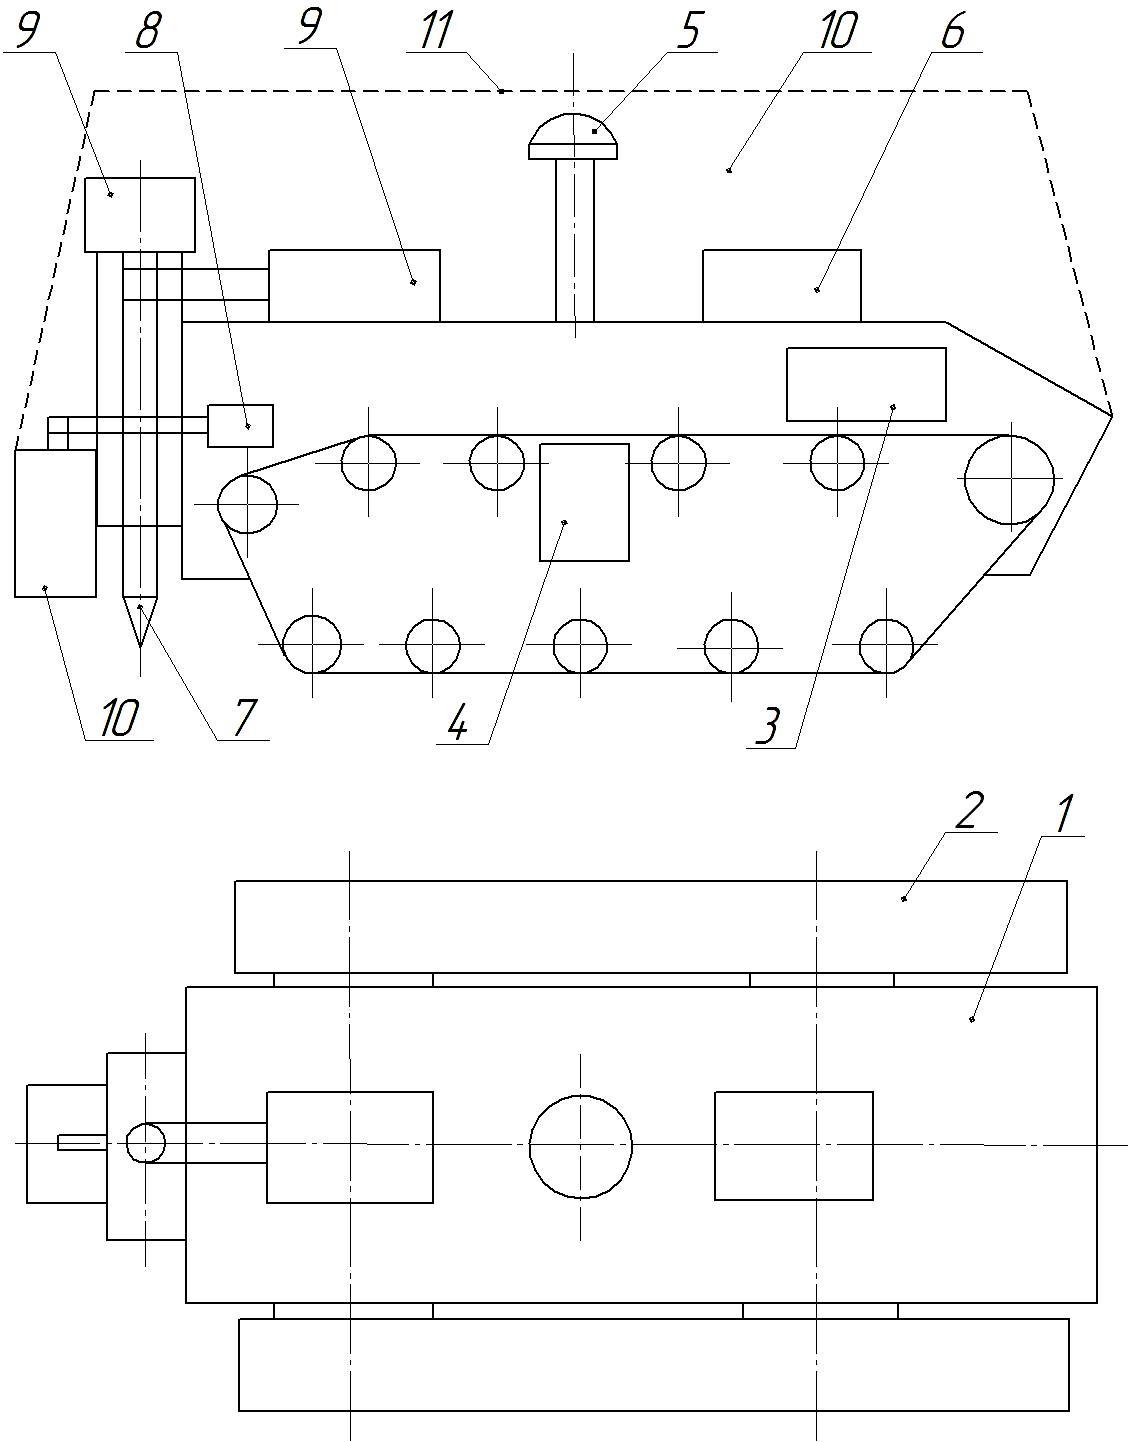 D:\___Отчет для МСХна 29 янв 2021\Чертеж поля и робоплатформы\Робоплатформа - 4 дв гусеница - нов - рис+.jpg